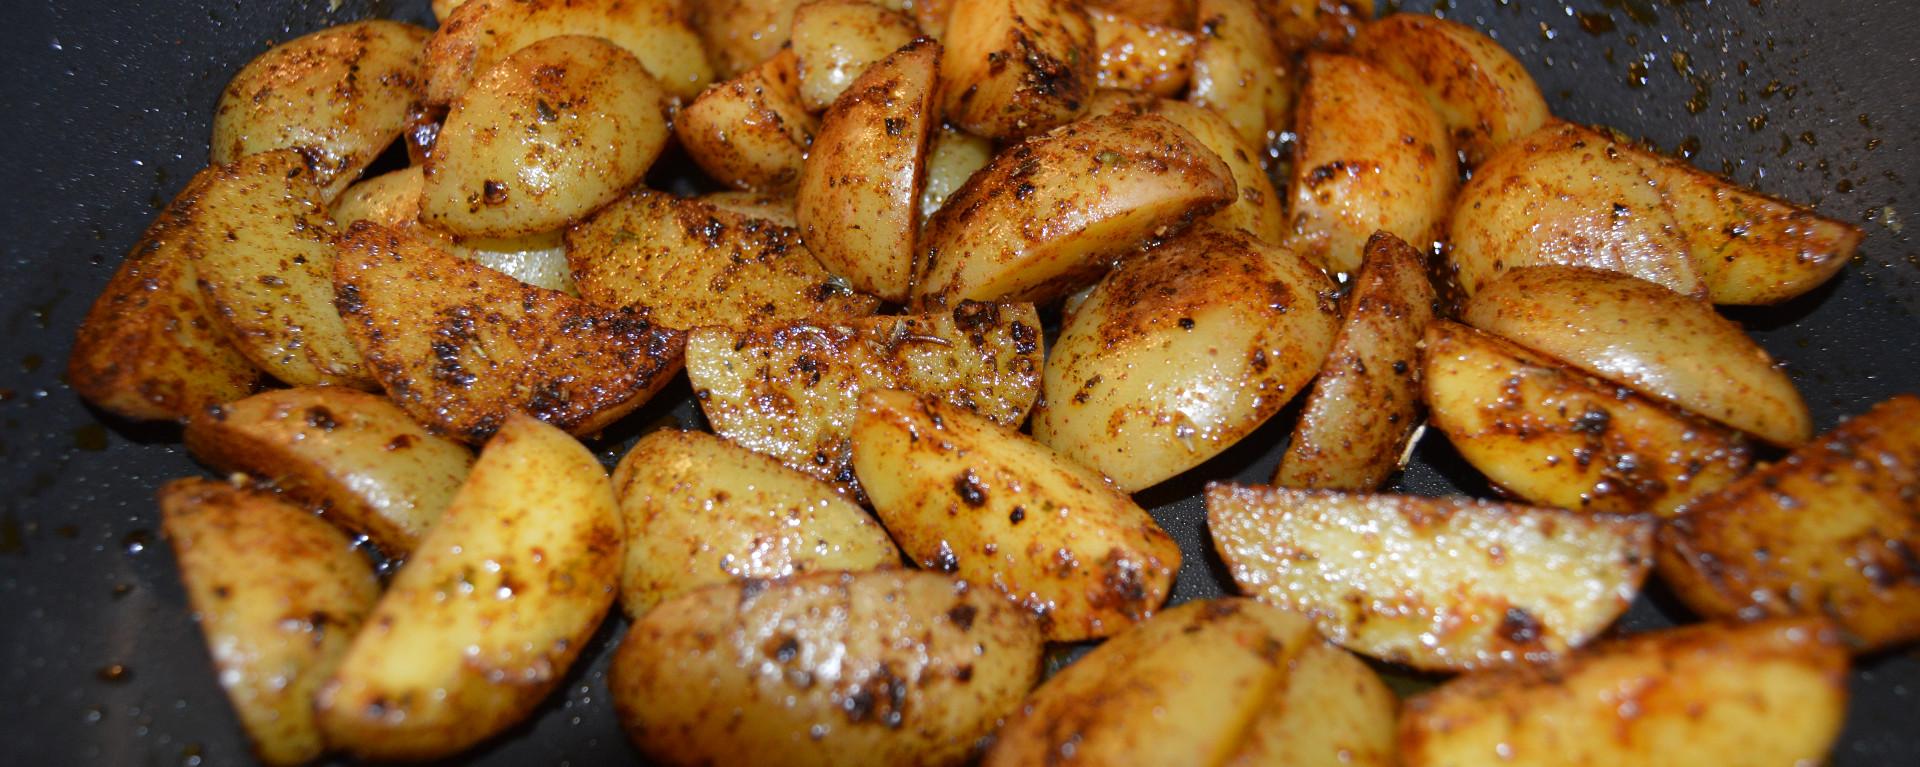 ChefNorway's spicy potatoes